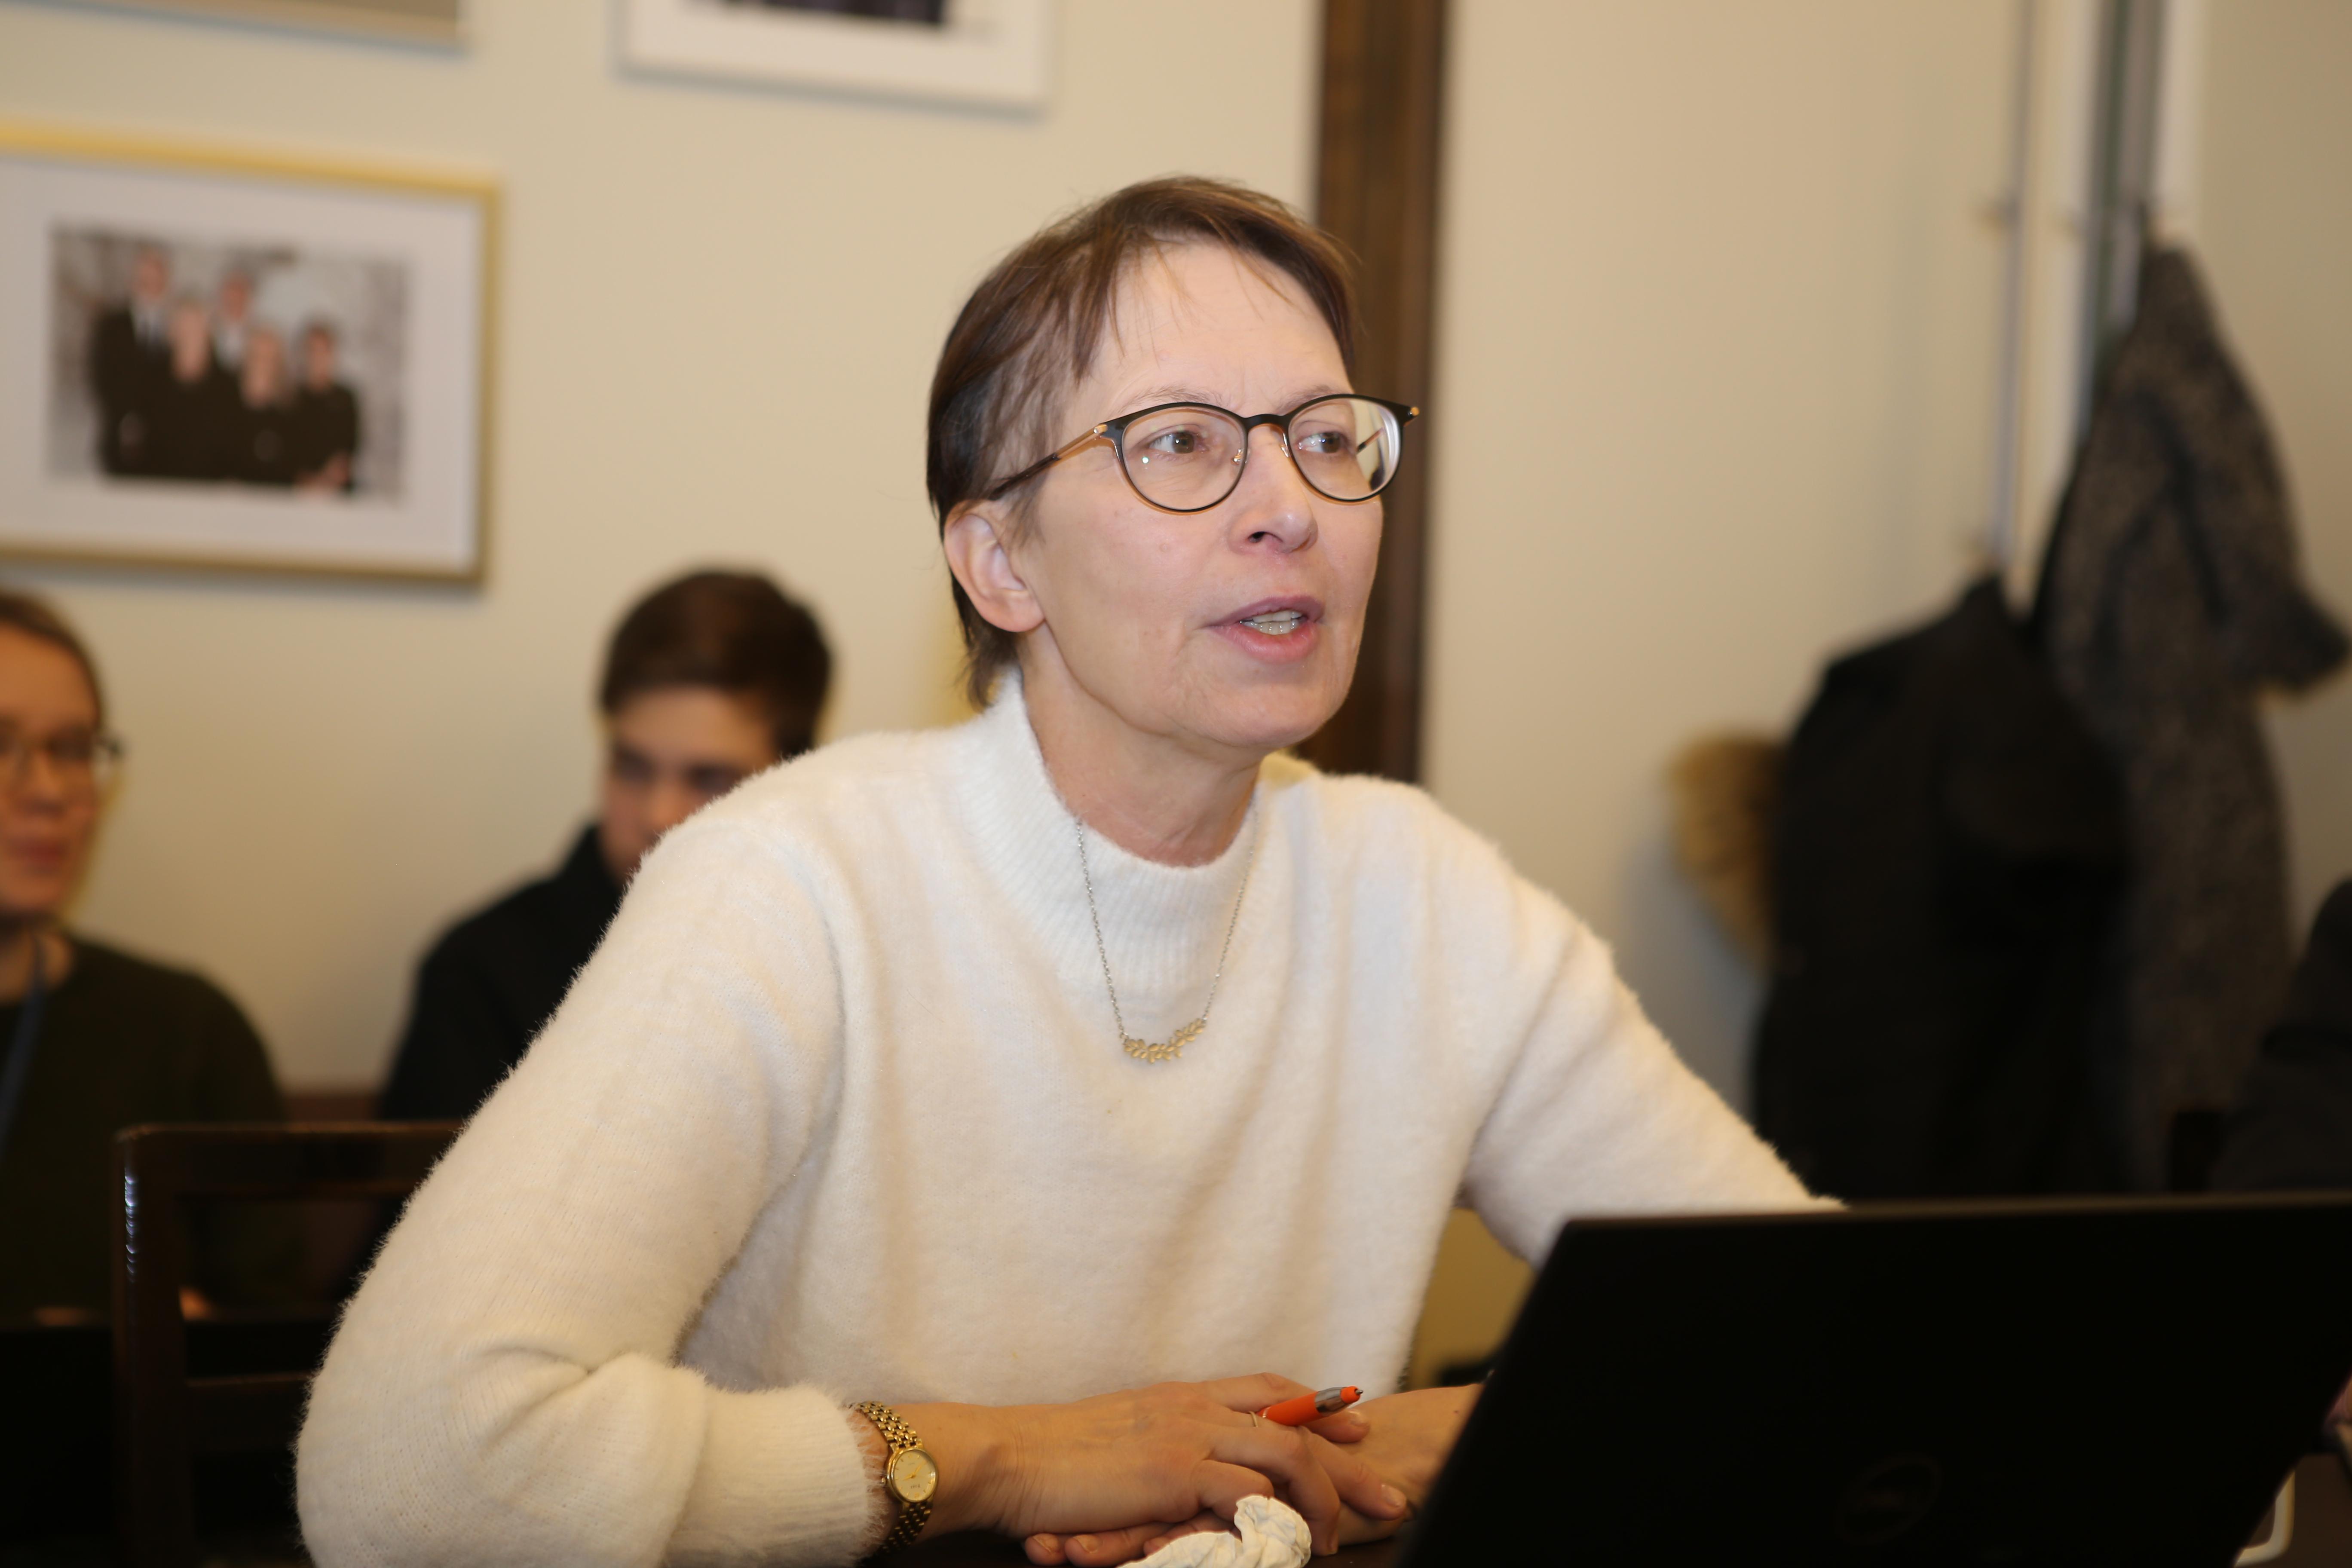 Sari Essayah ek-ryhmän kokouksessa 5.12.2019 (hallitusneuvotteluista sopiminen), kuva Kristiina Kunnas